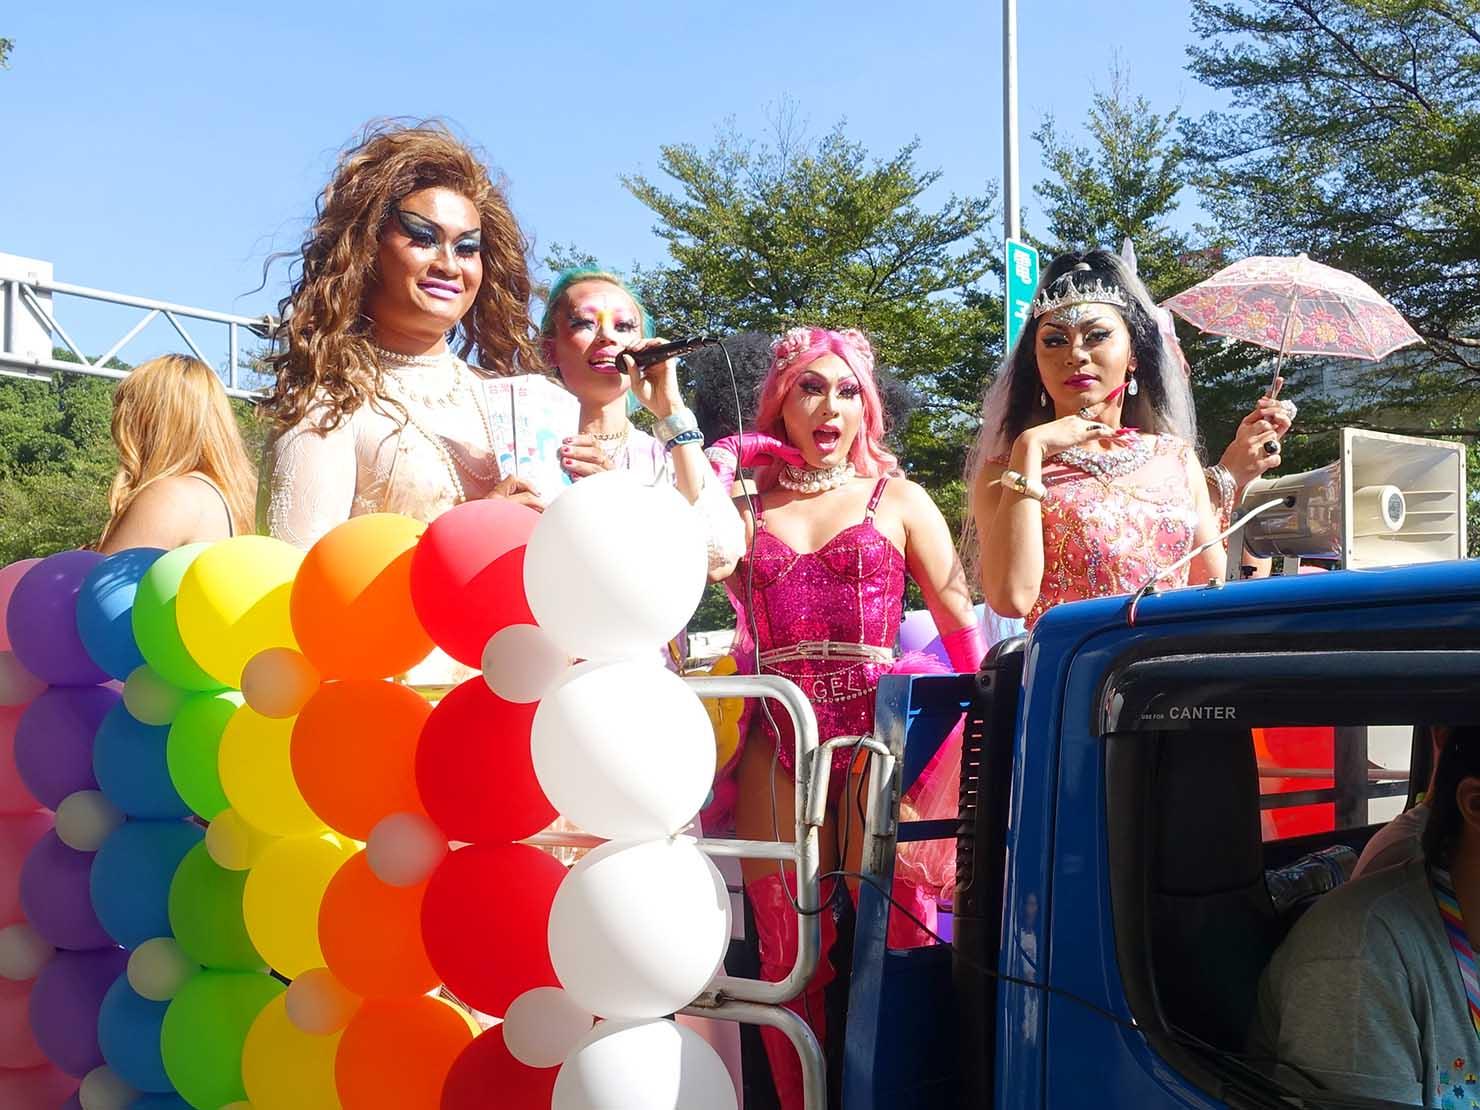 台中同志遊行(台中LGBTプライド)2019のパレードカーに集まるドラァグクイーンのみなさん